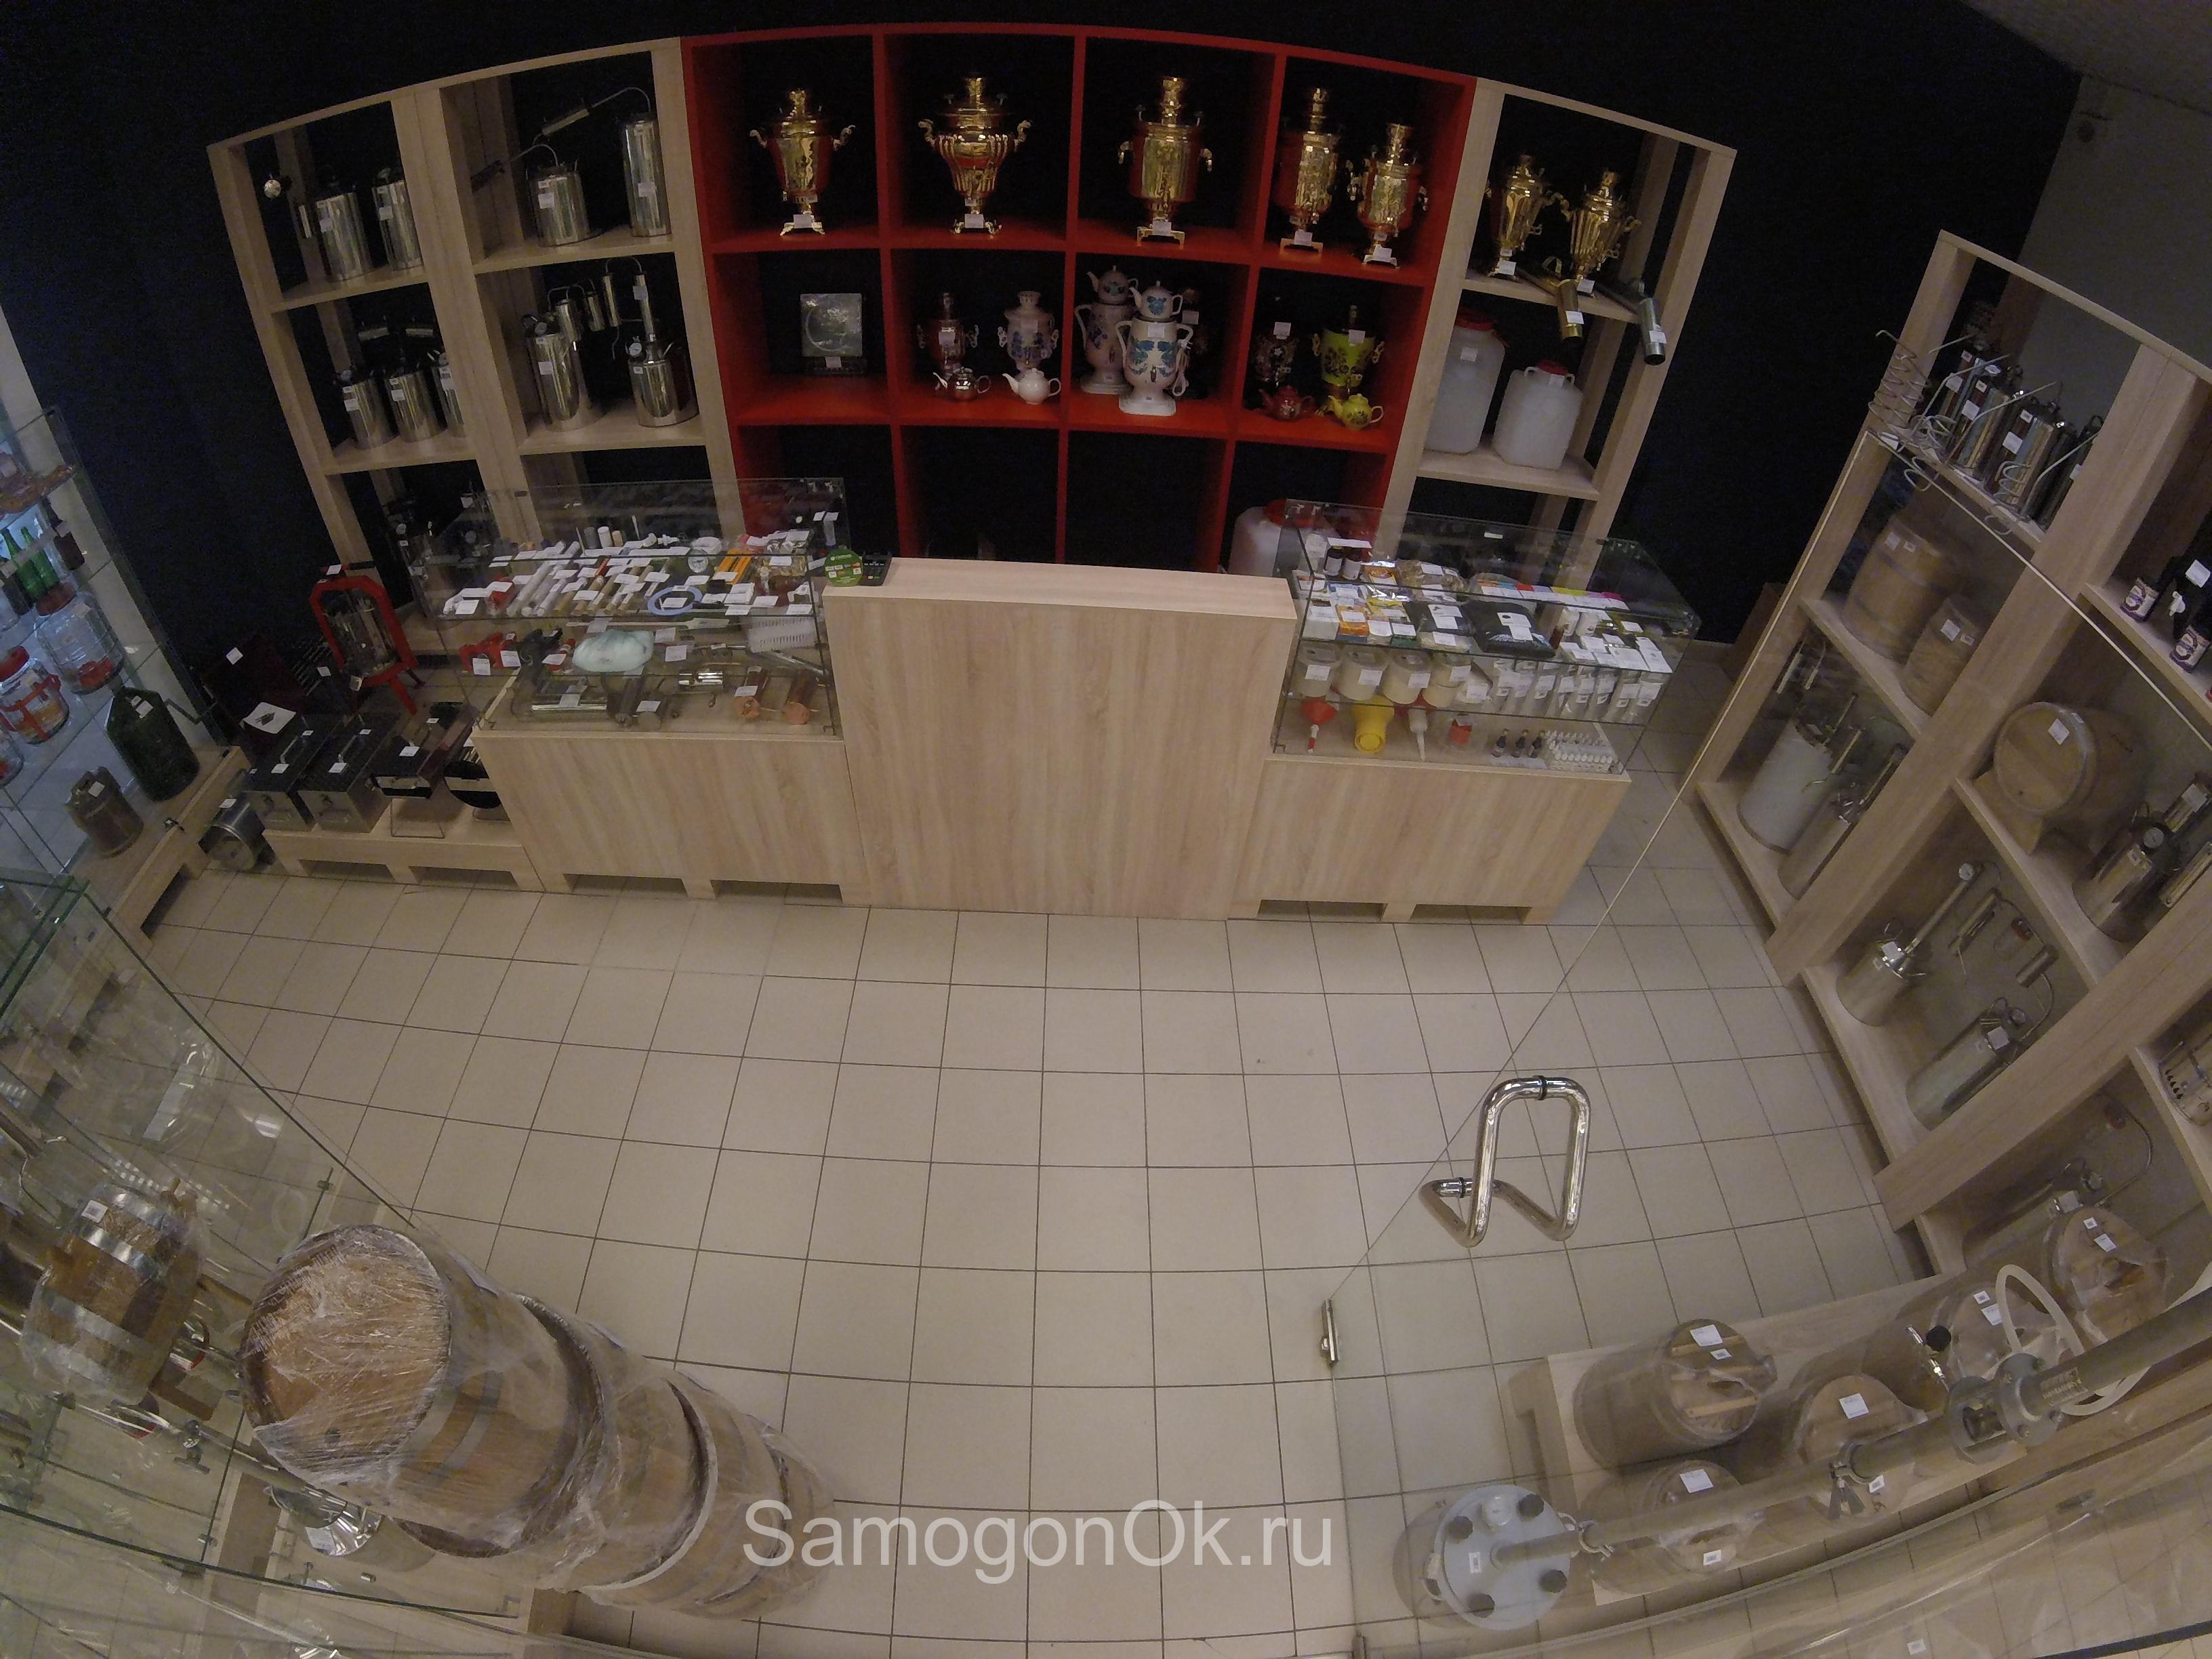 Магазин самогонных аппаратов в гипермаркете ОКЕЙ, мкрн Сипайлово.